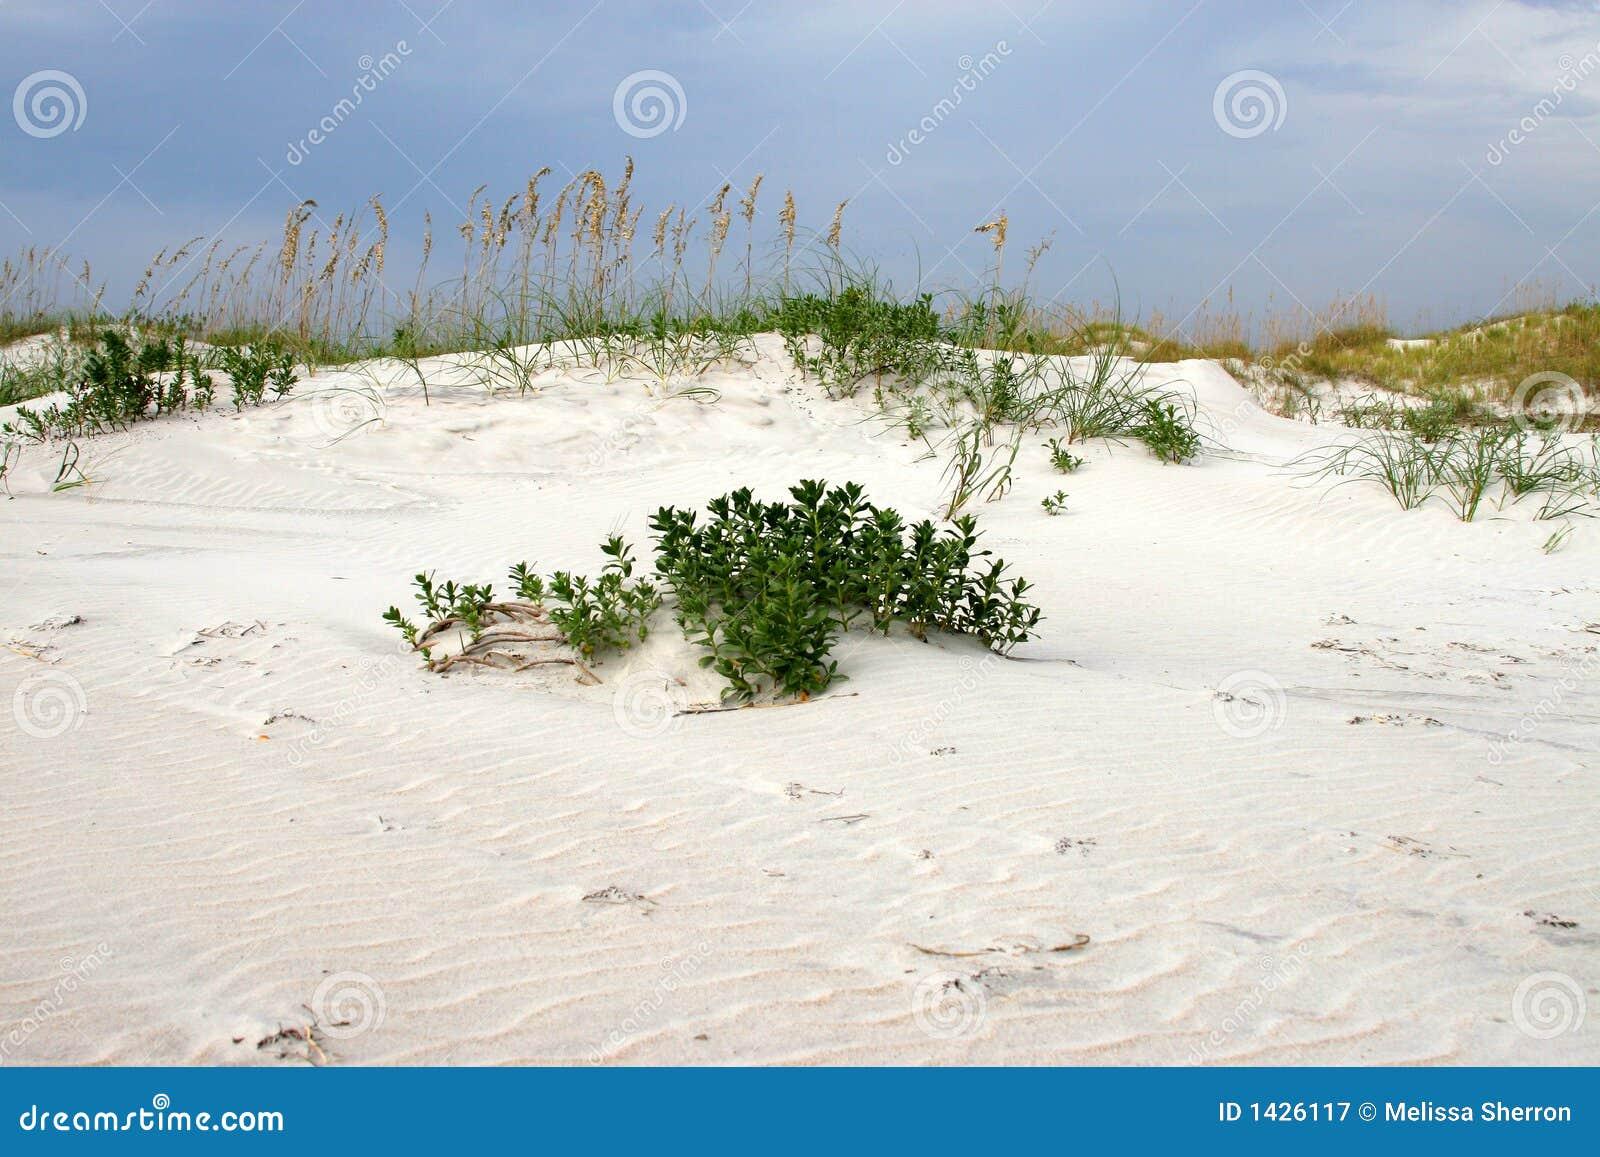 Seaoats sur la dune contre s bleu